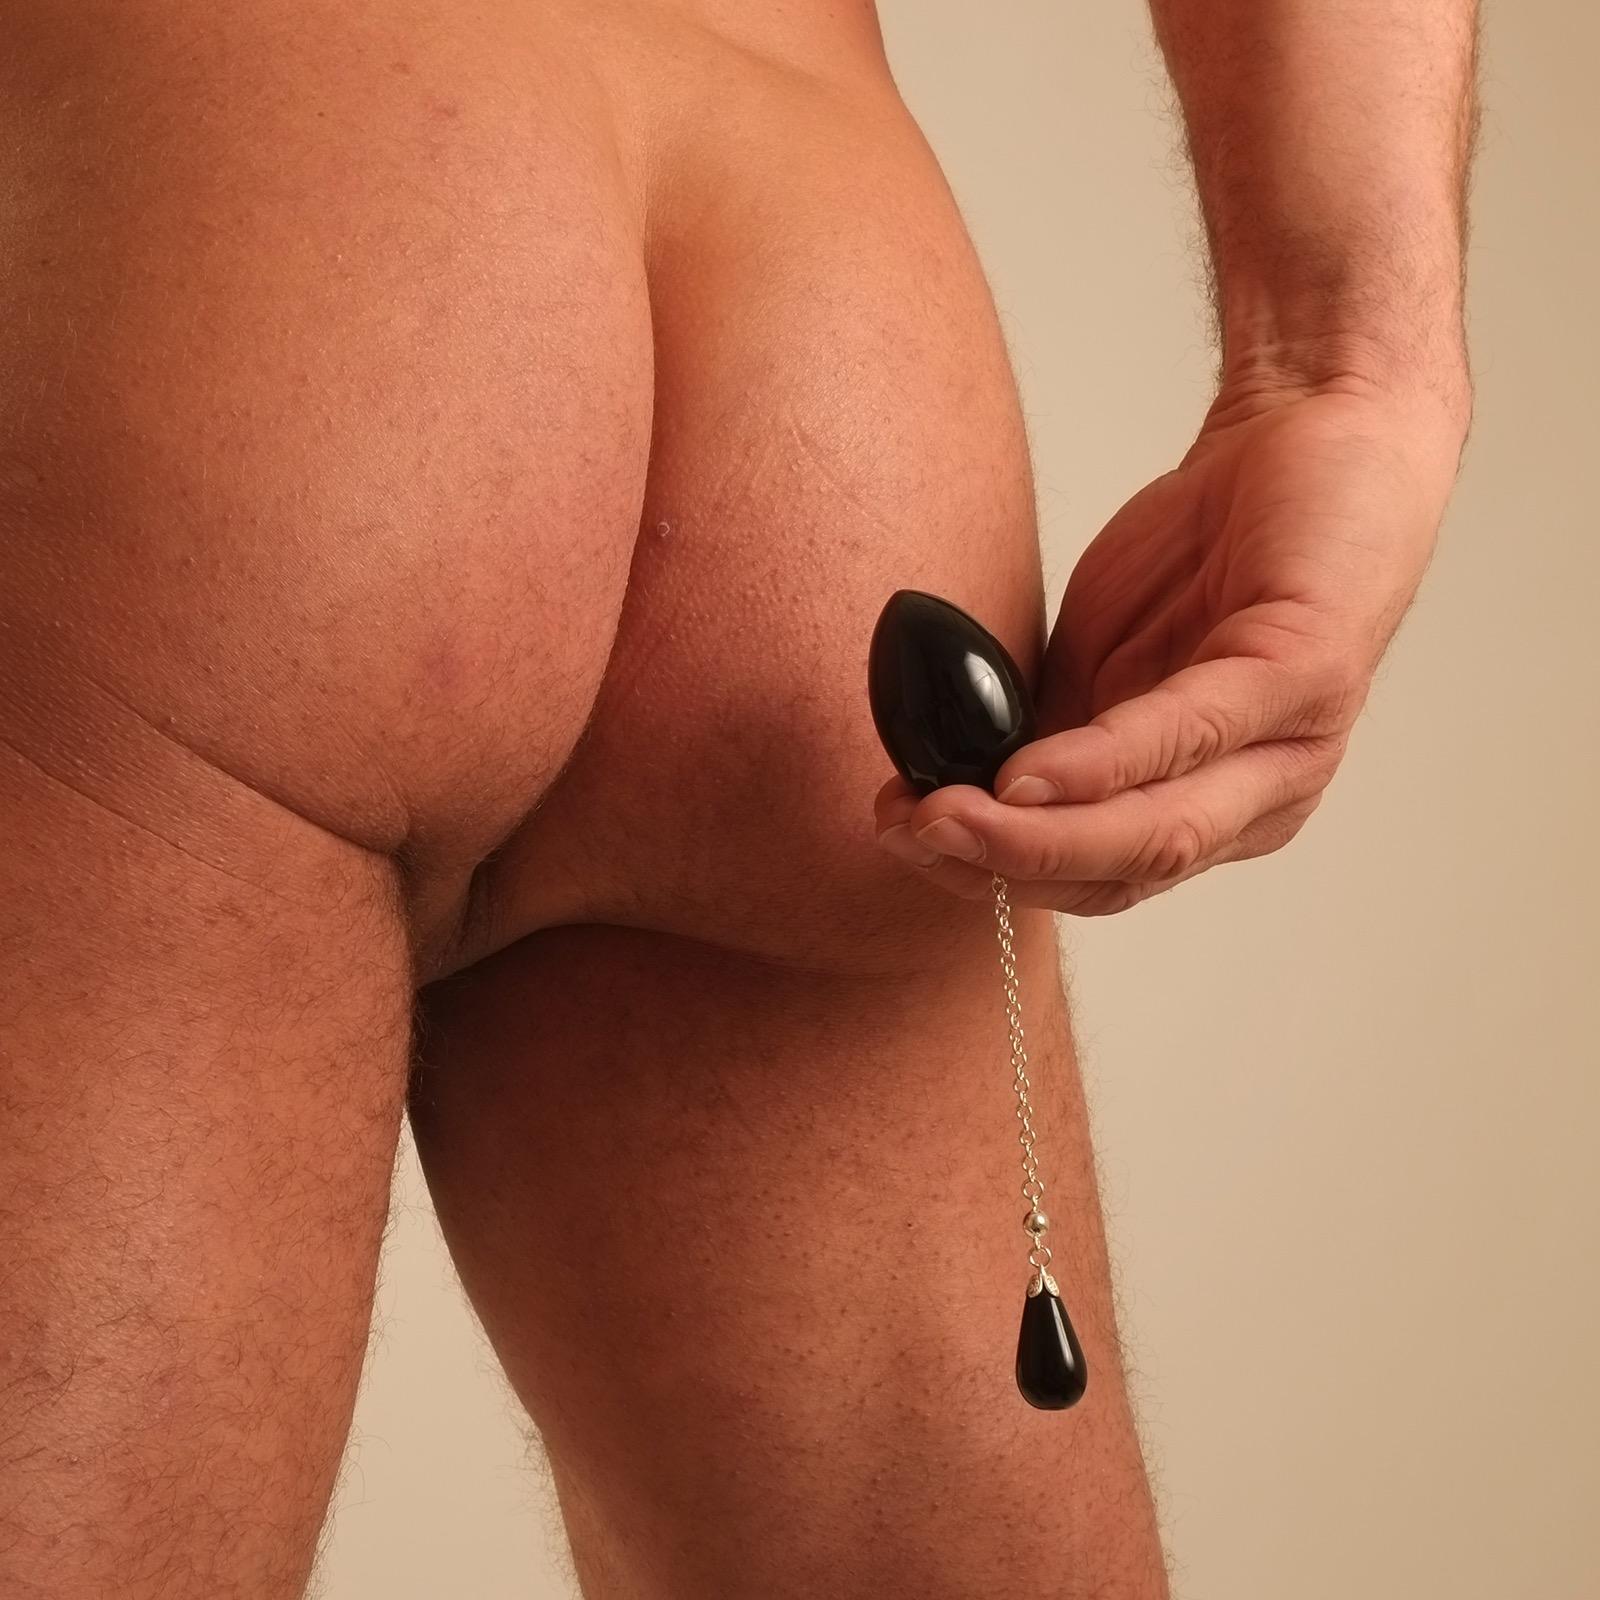 Ei-anal-mann-juwel-sexuell-schwarz-silber